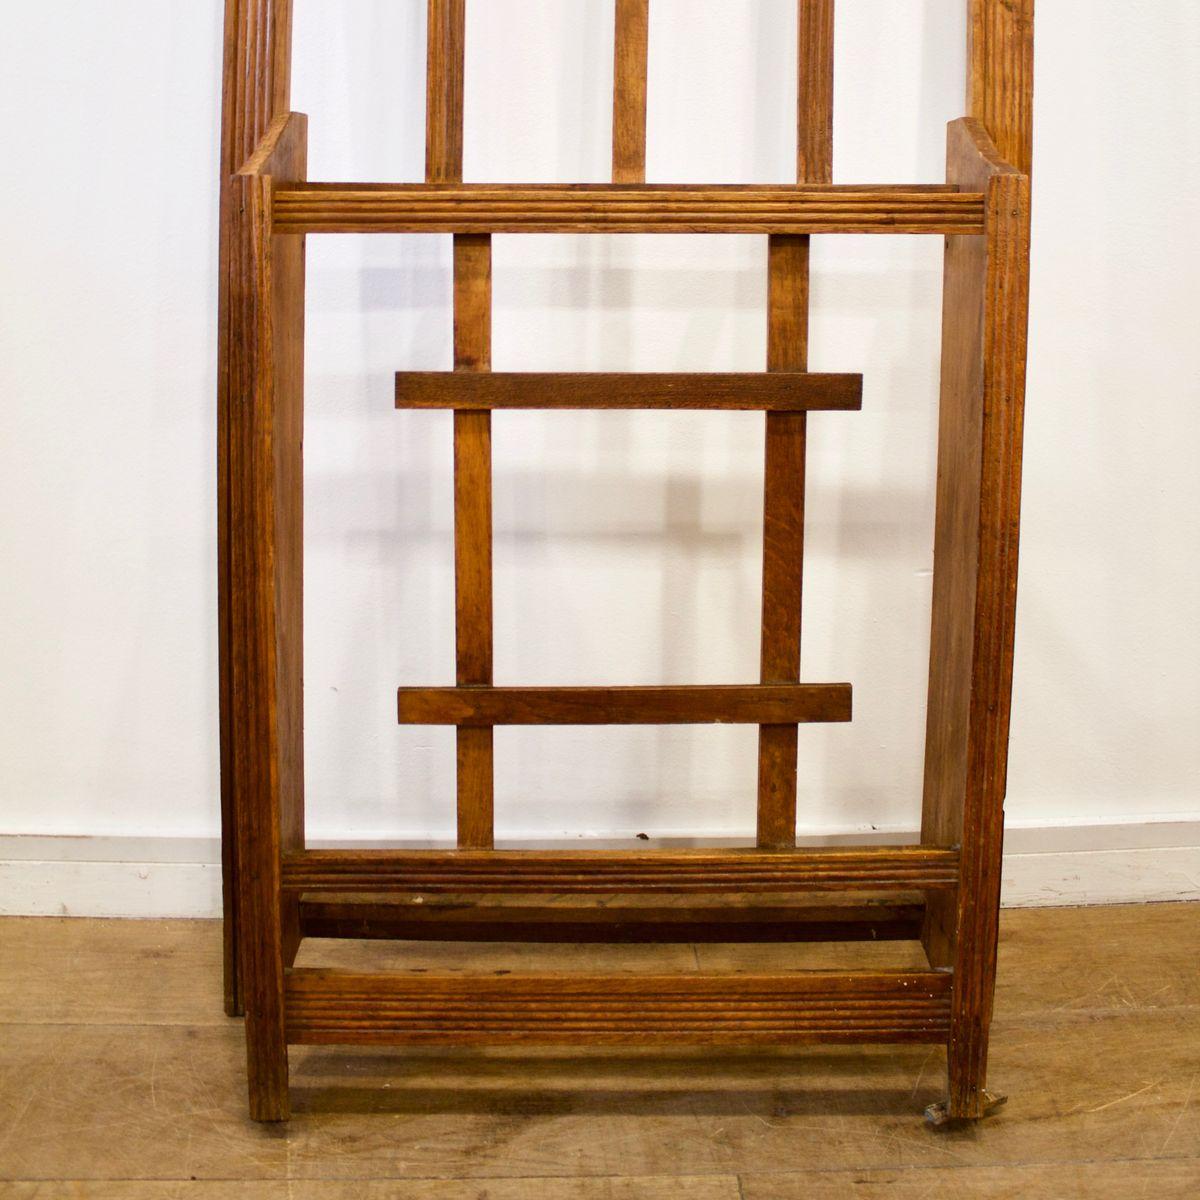 Attaccapanni a muro da ingresso in legno anni 39 30 in vendita su pamono - Attaccapanni a muro design ...